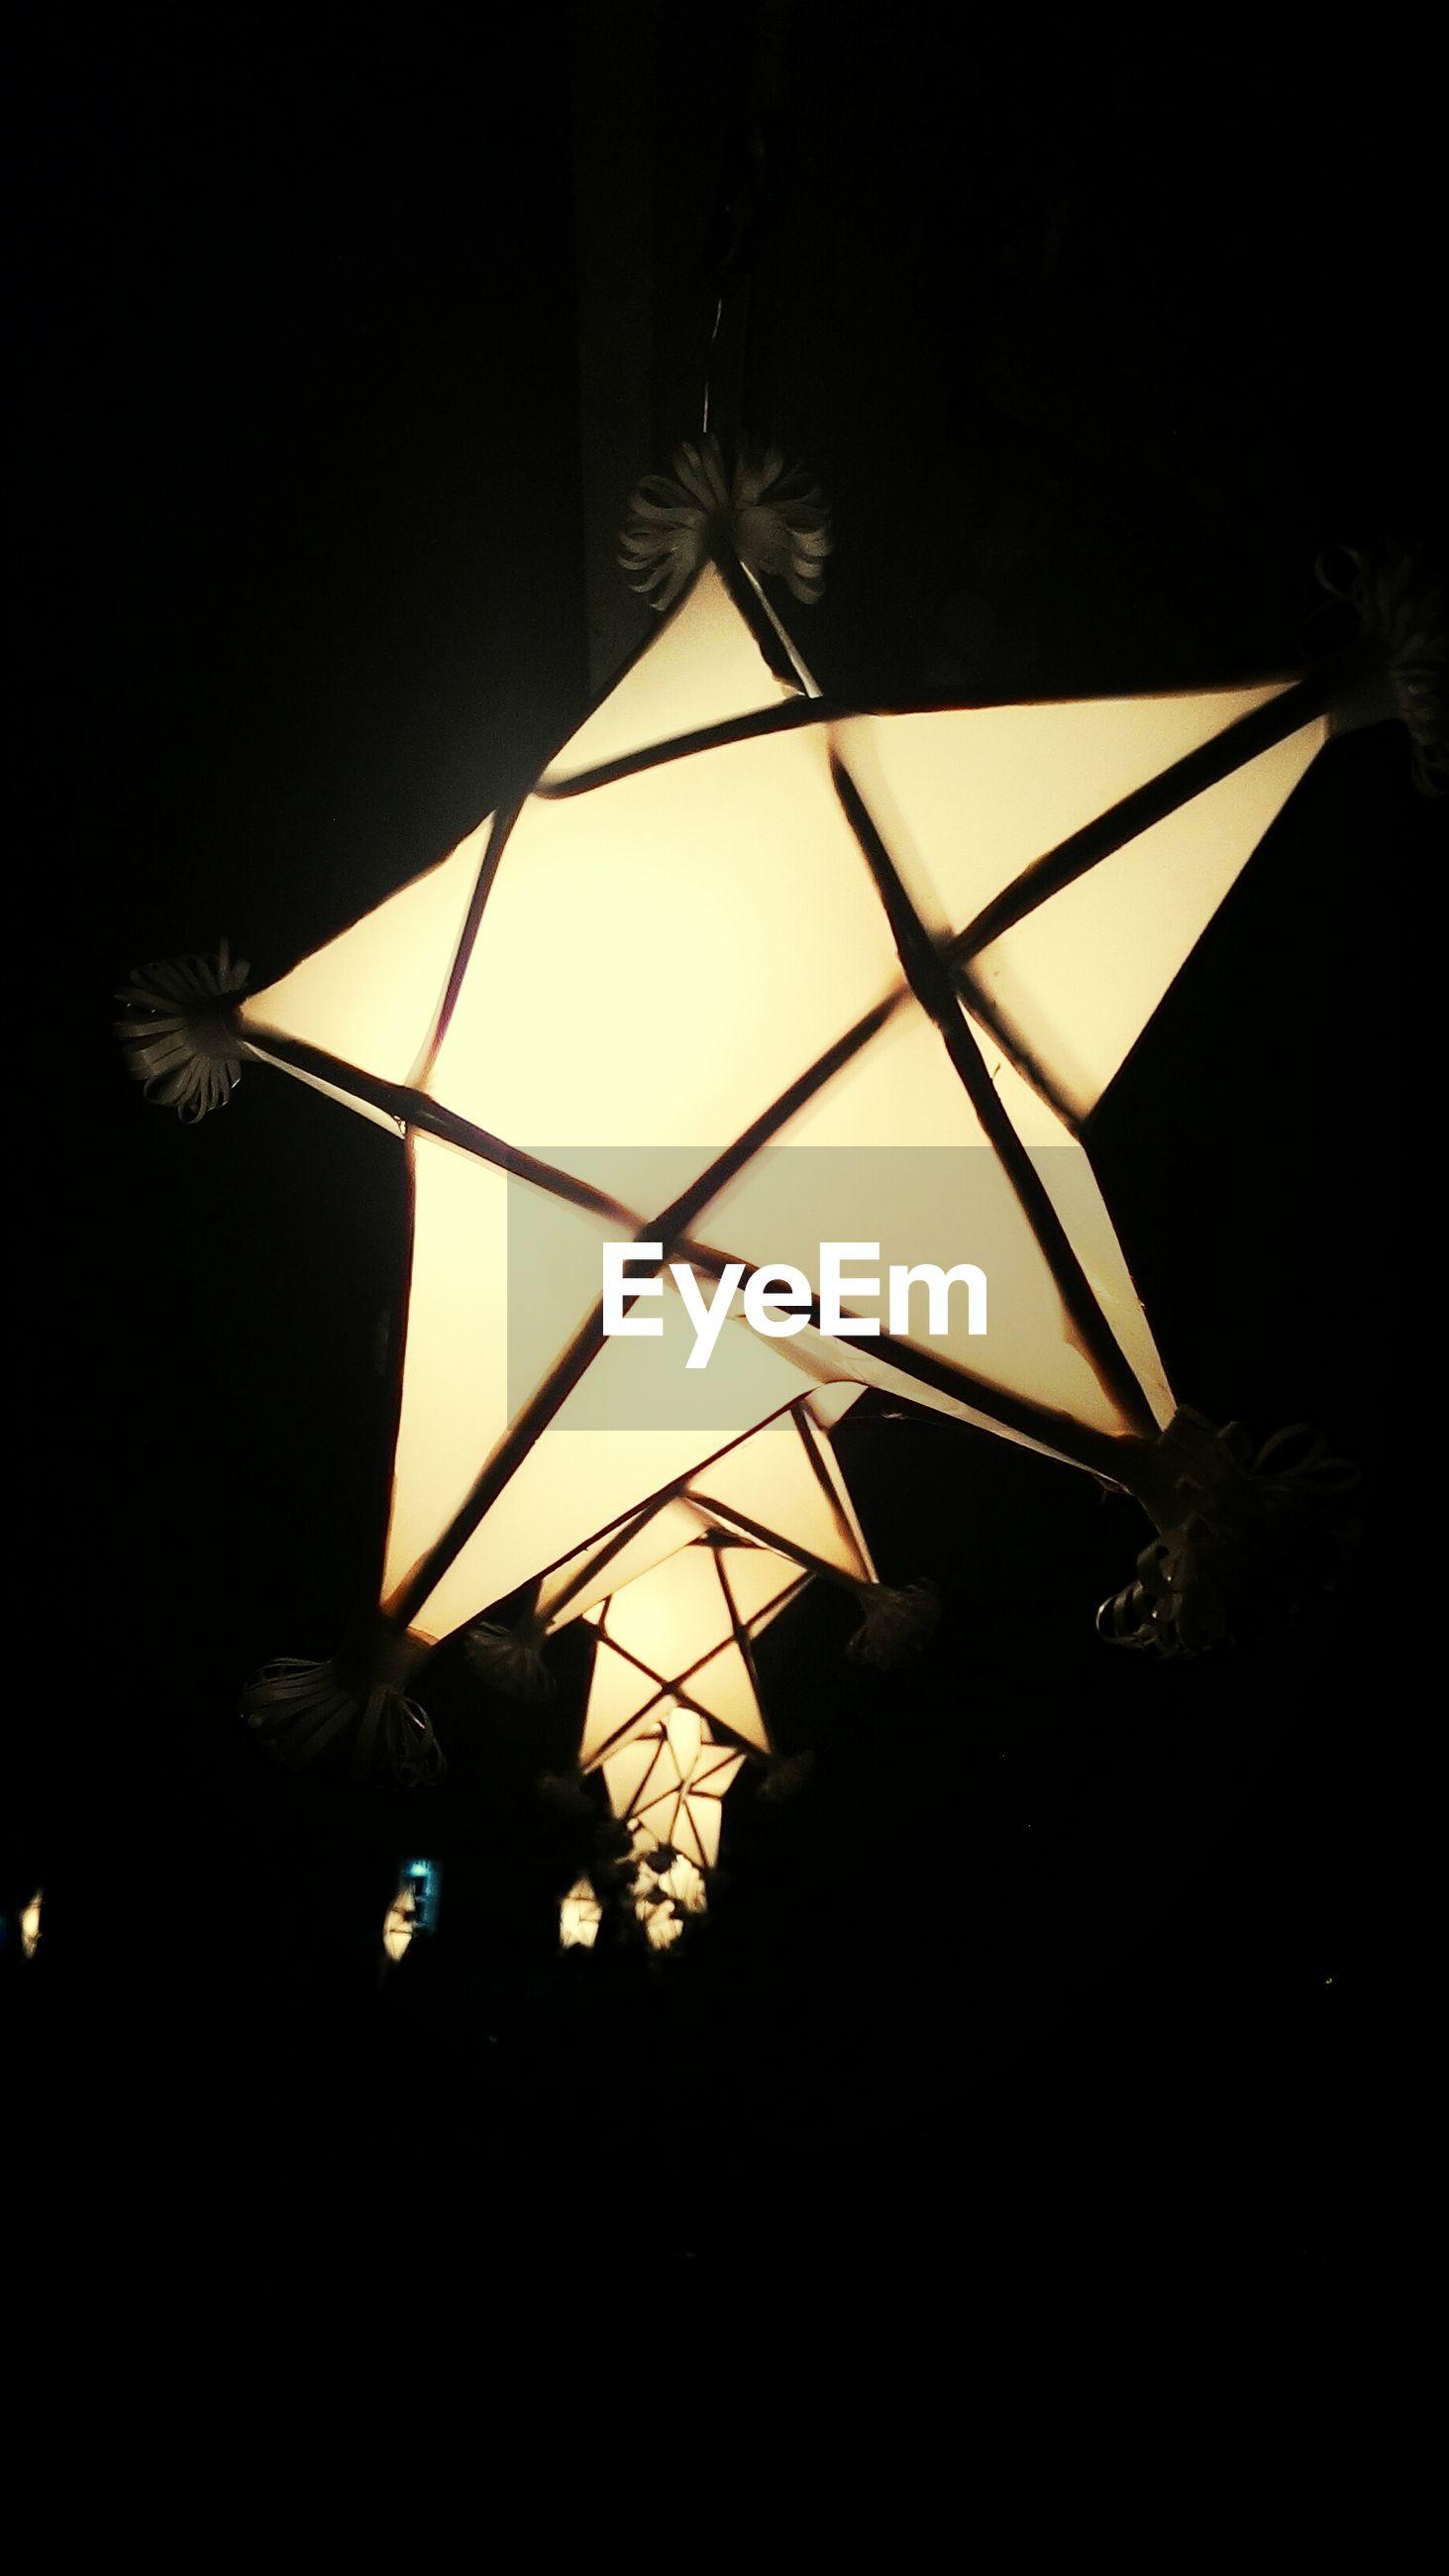 Star shape lanterns on dark background